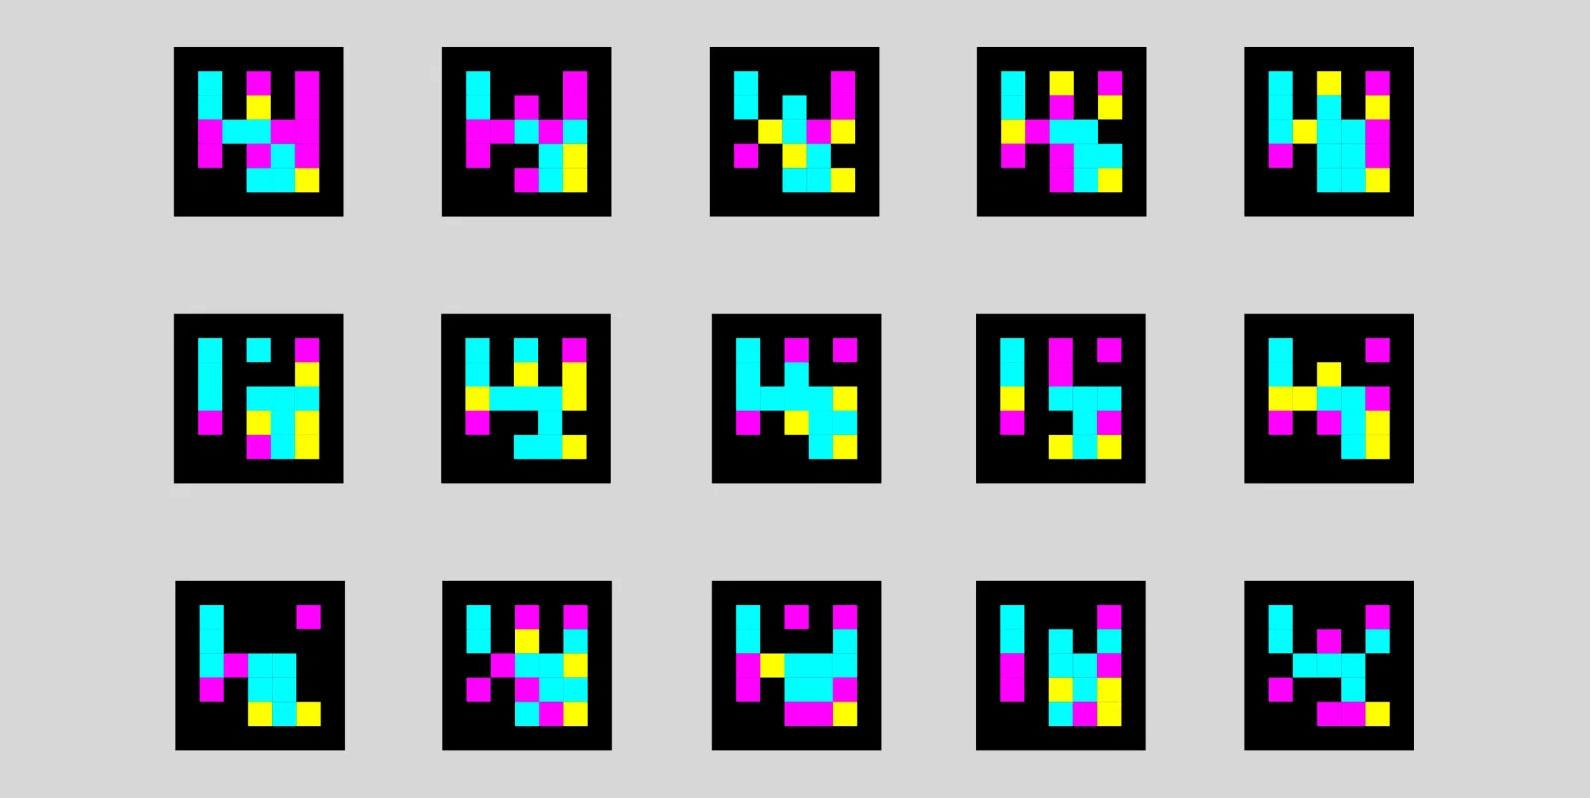 Adesivos coloridos estão ajudando pessoas com deficiência visual a se localizarem